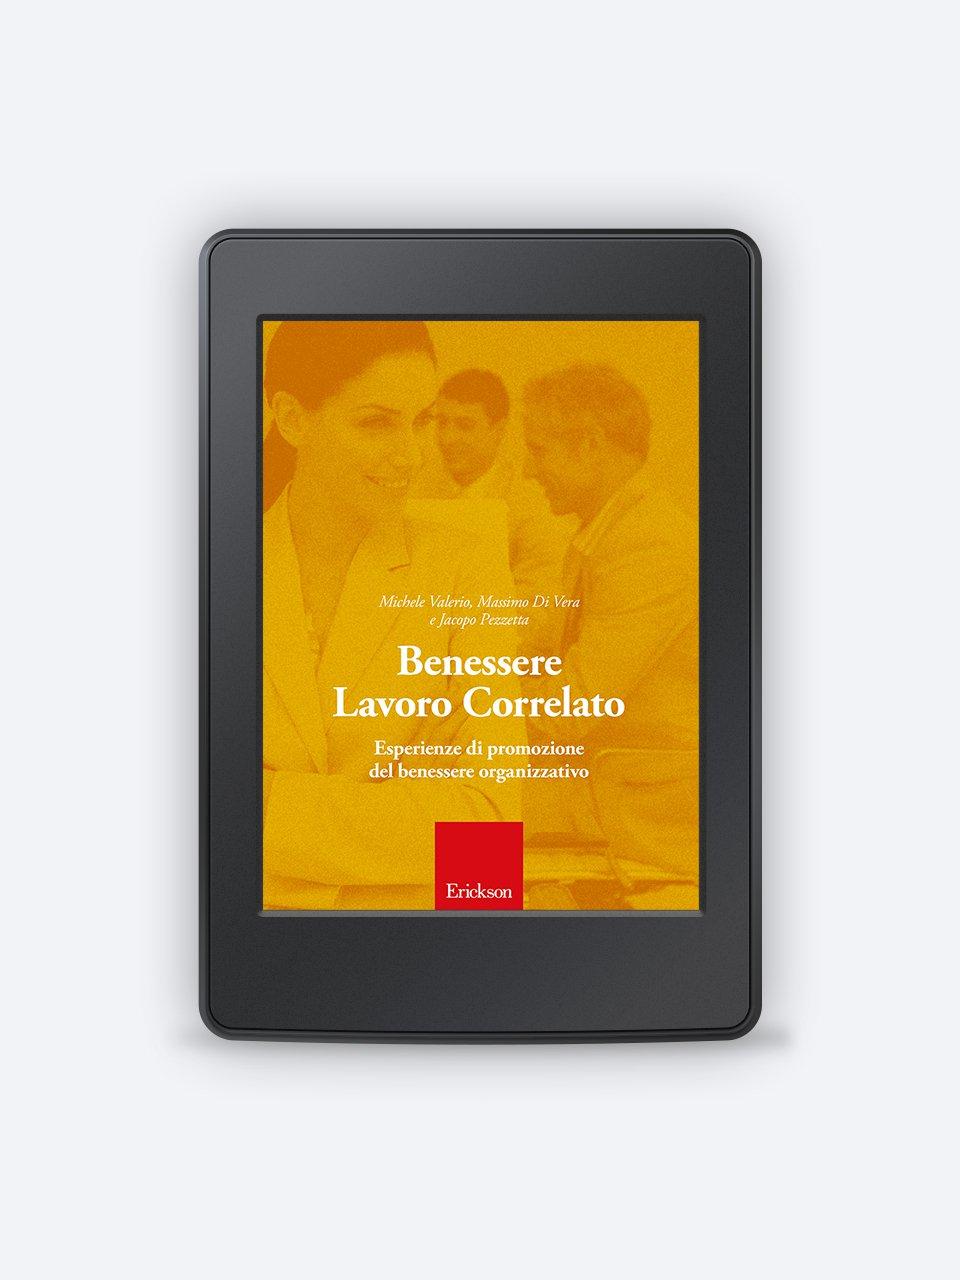 Benessere Lavoro Correlato - QBS 8-13 - Libri - Erickson